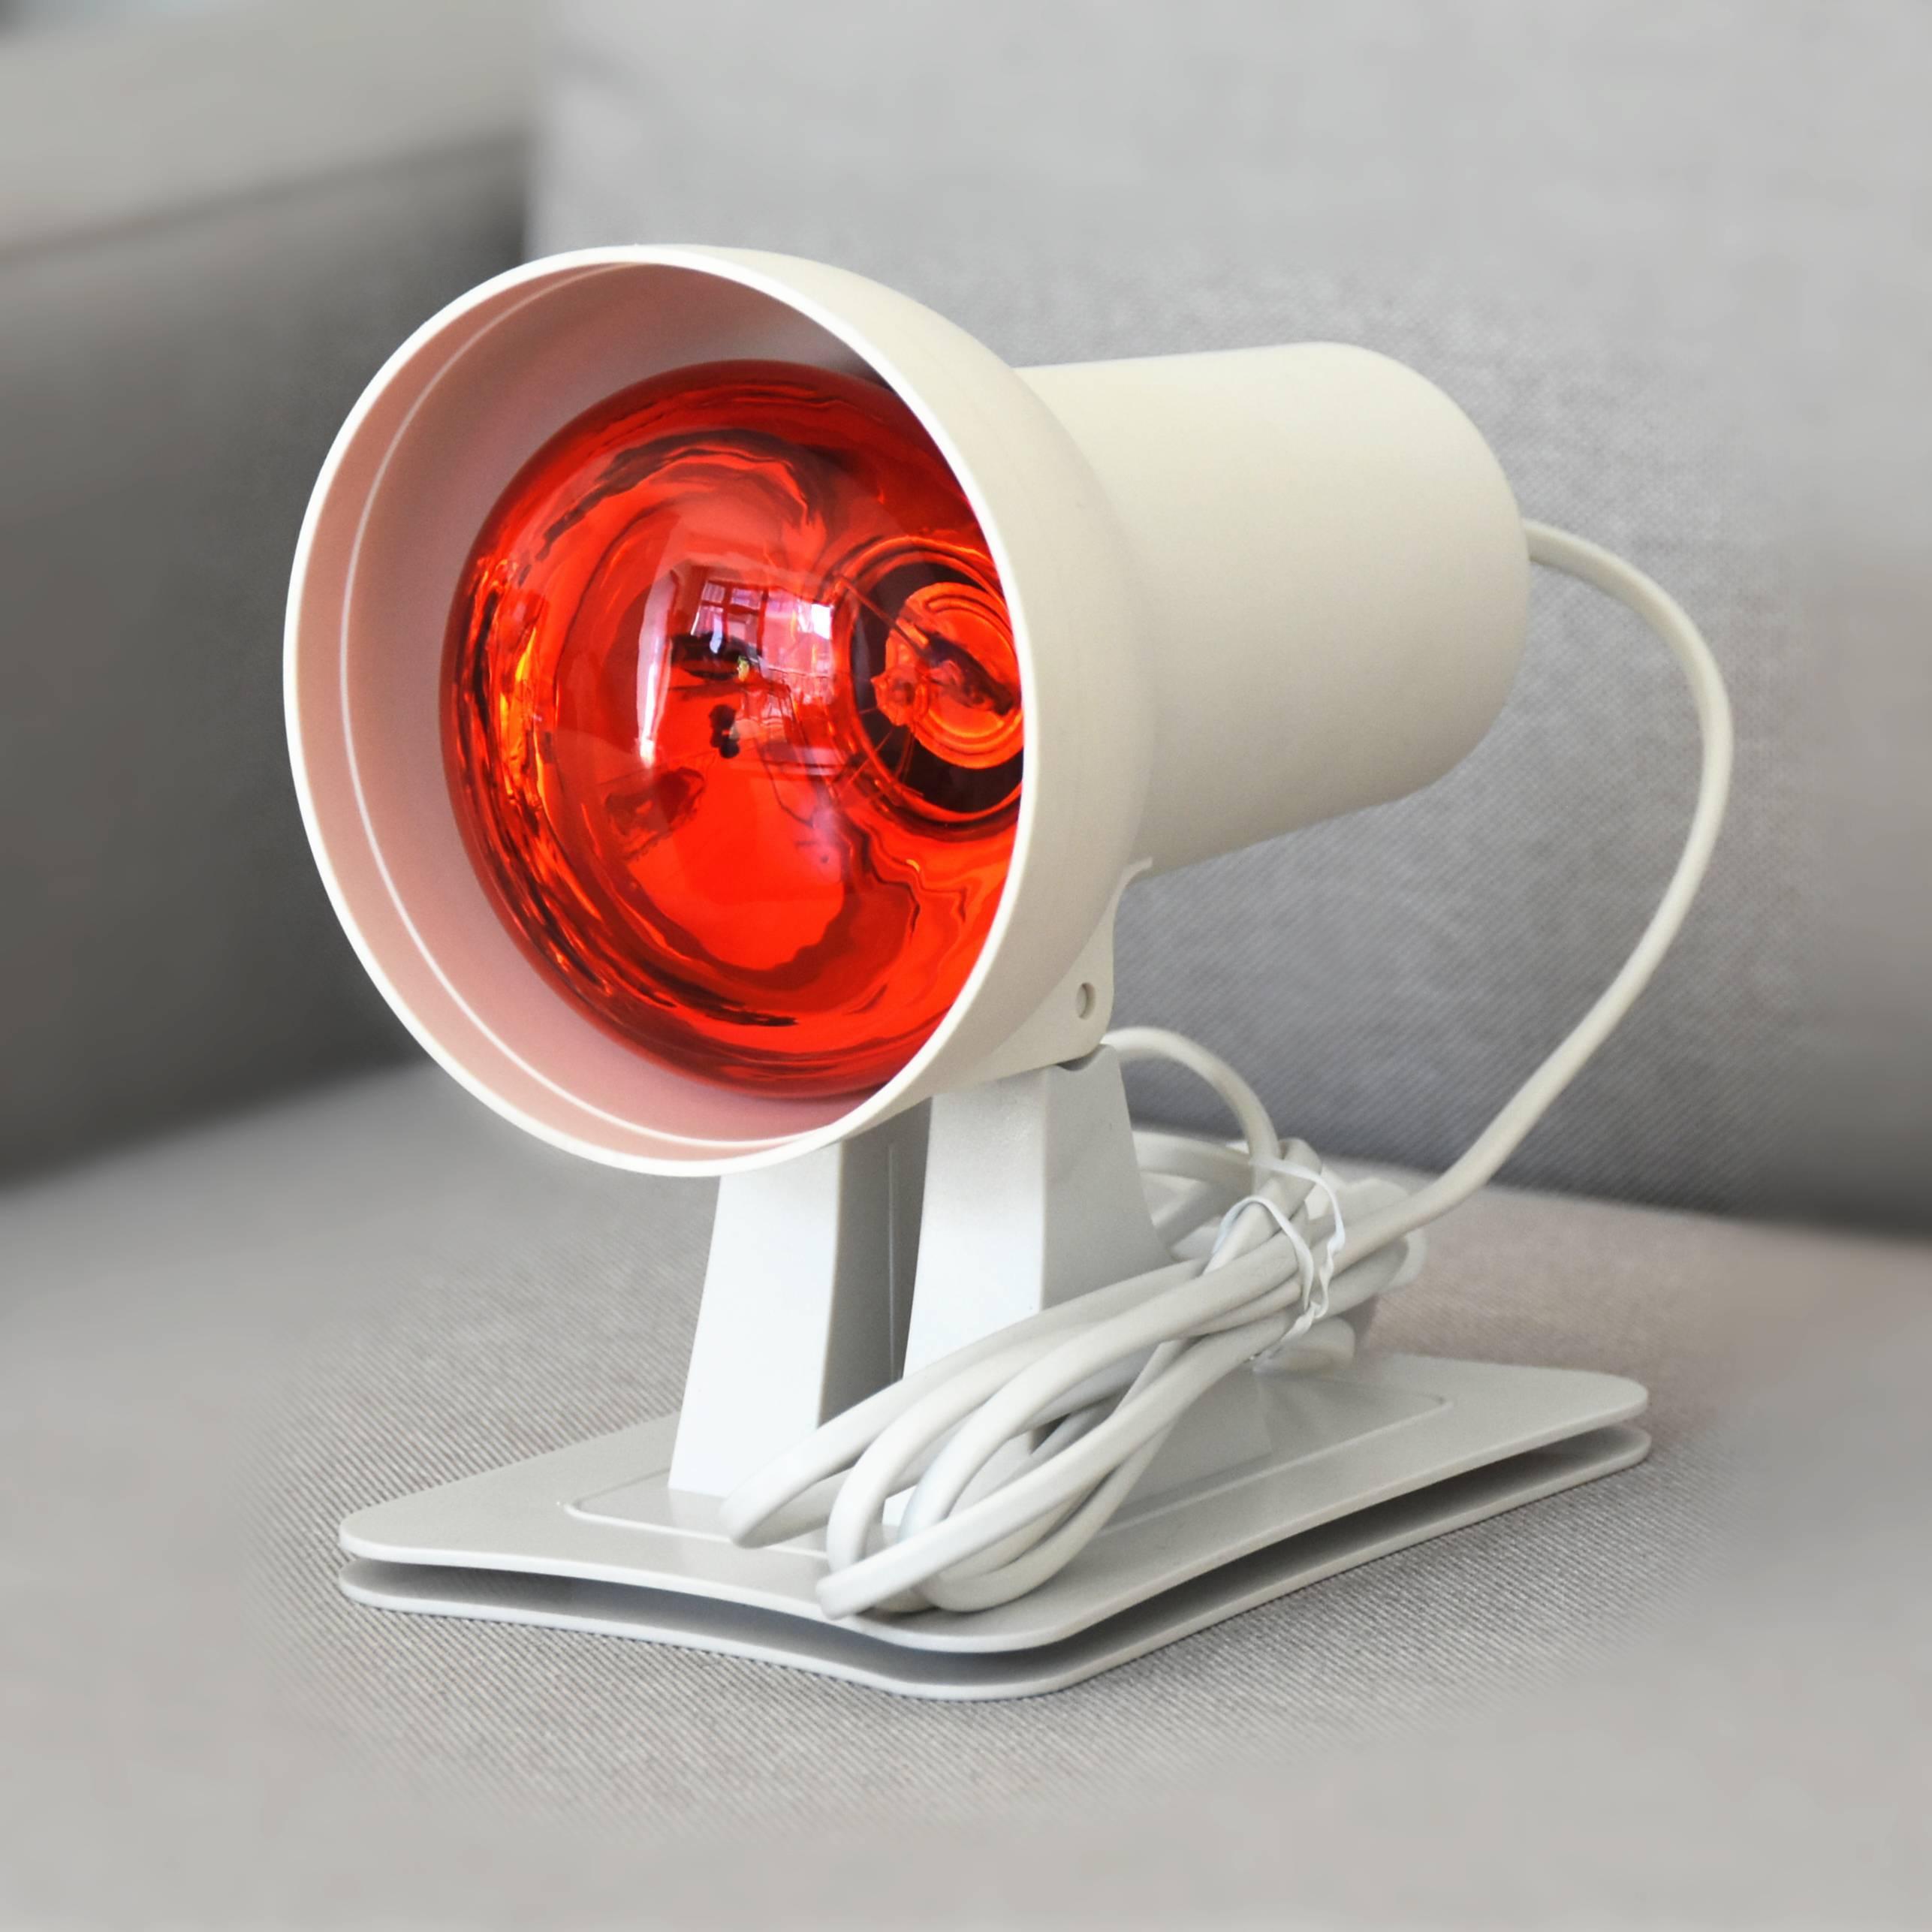 Инфракрасная лампа: для обогрева, применение лампы, виды